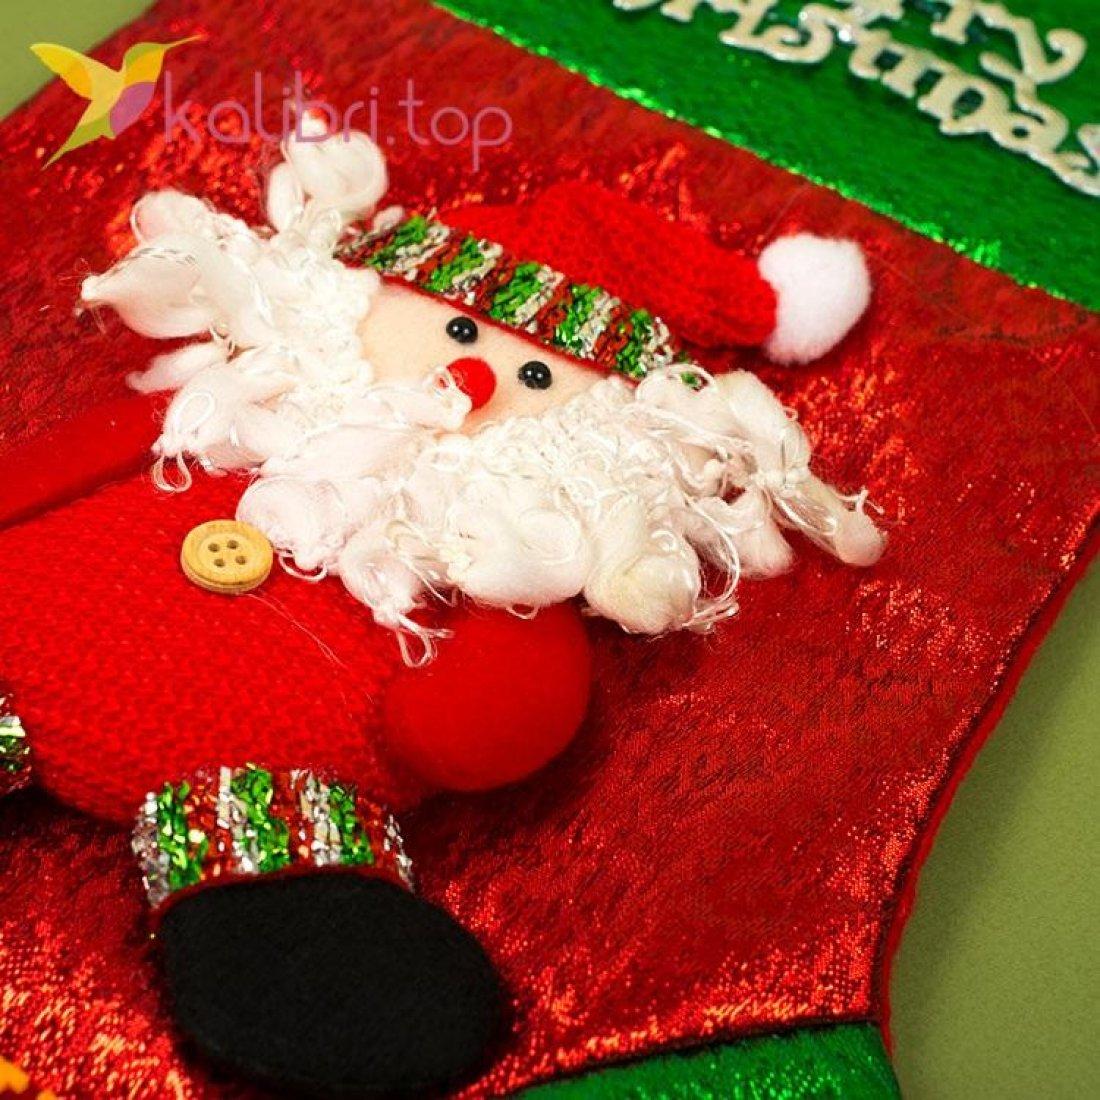 Сапожок для подарков большой микс 2, оптом фото 2